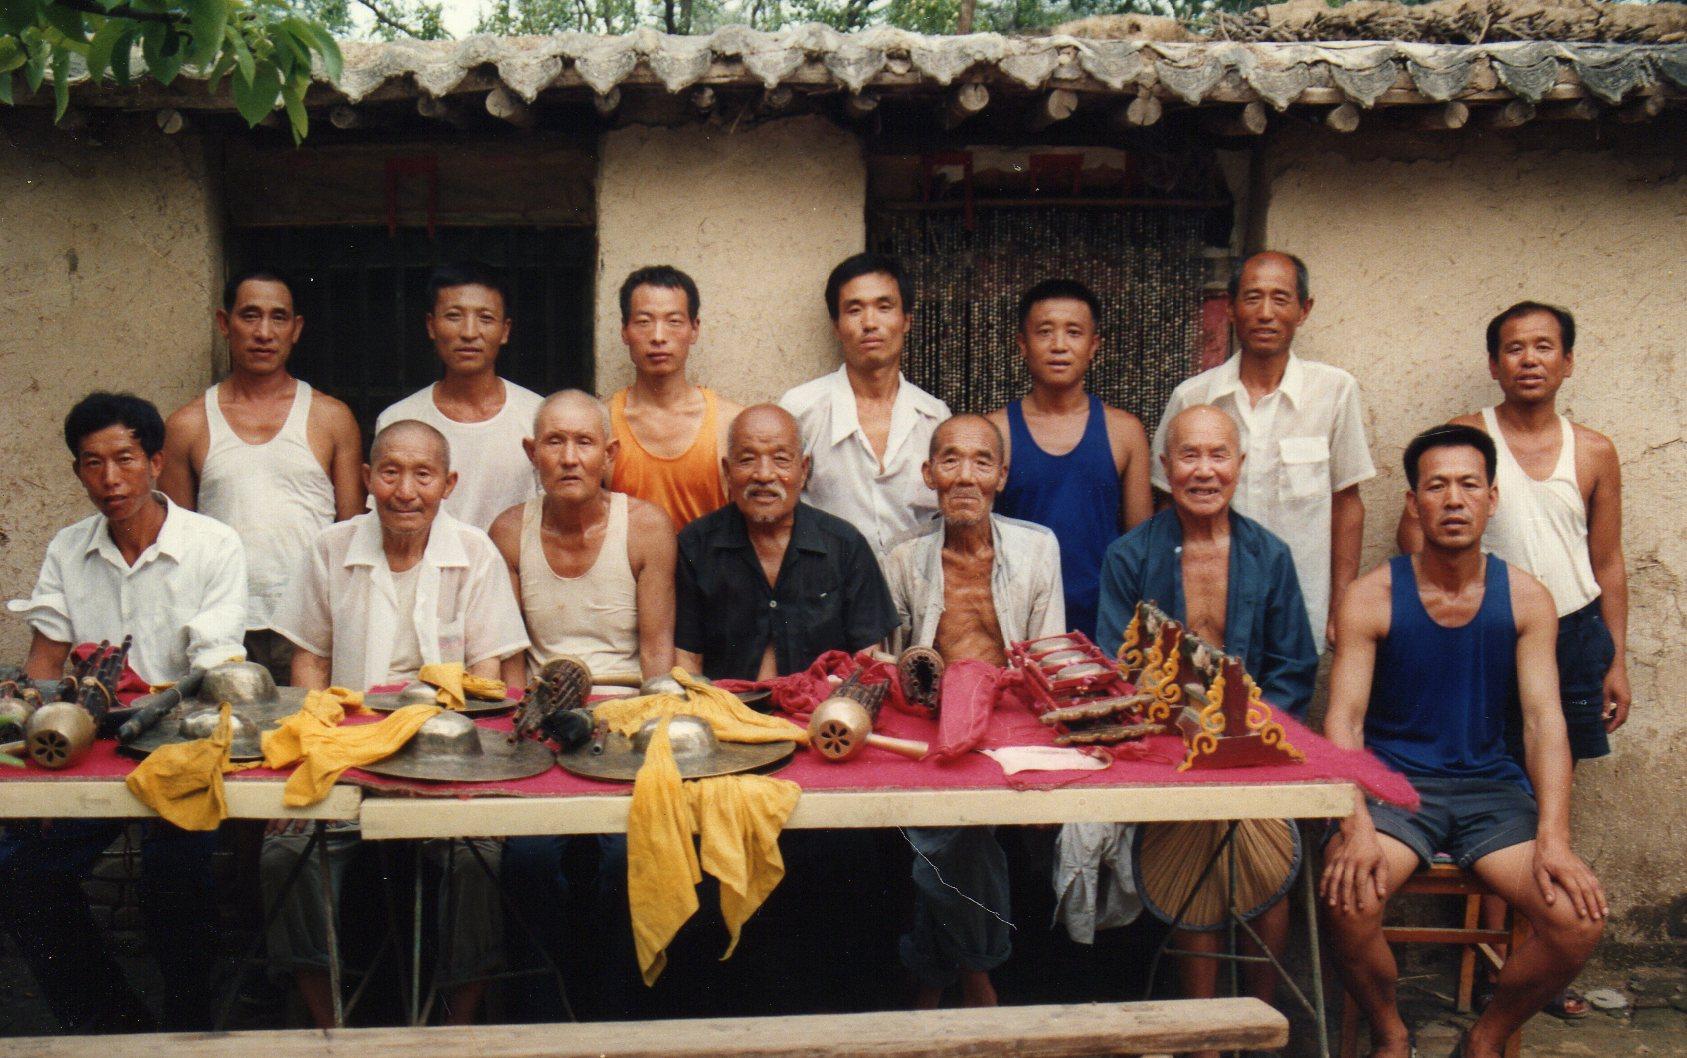 Hanzhuang heying 93